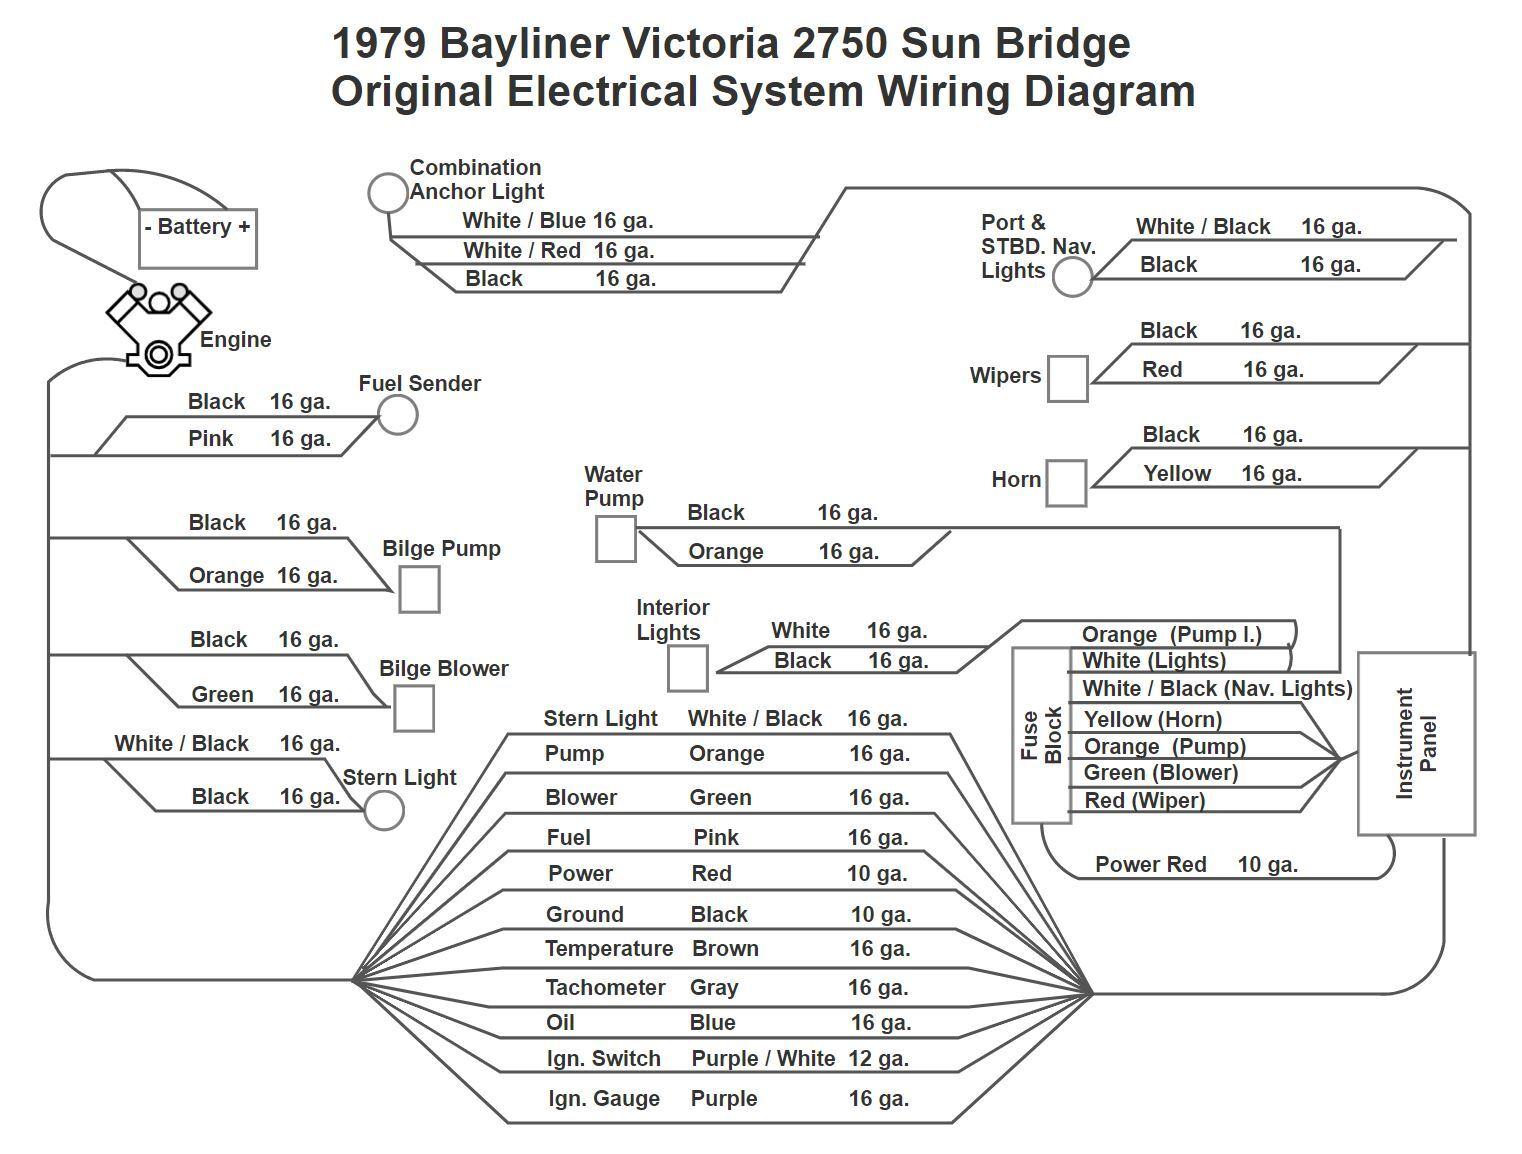 1977 bayliner wiring diagram 1979 bayliner victoria 2750 sun bridge project rebuild  1979 bayliner victoria 2750 sun bridge